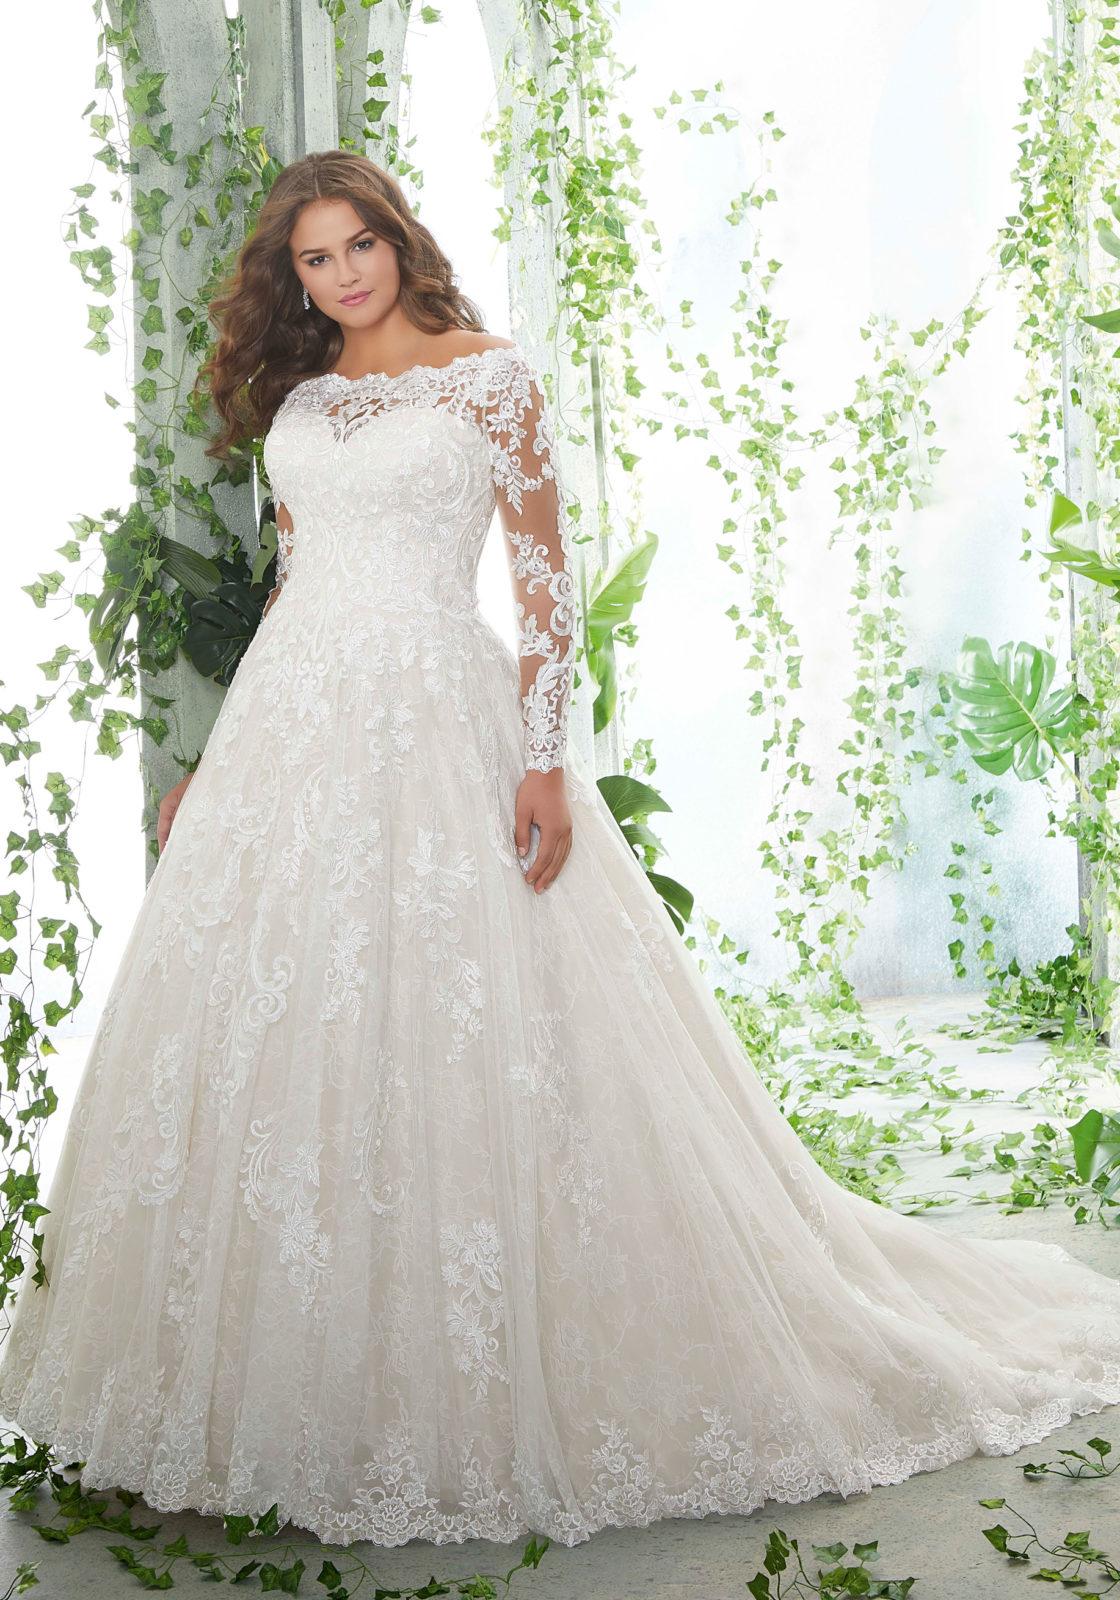 Νυφικό Φόρεμα, Morilee, Plus Size. Chantilly Δαντέλα, Style. 3258